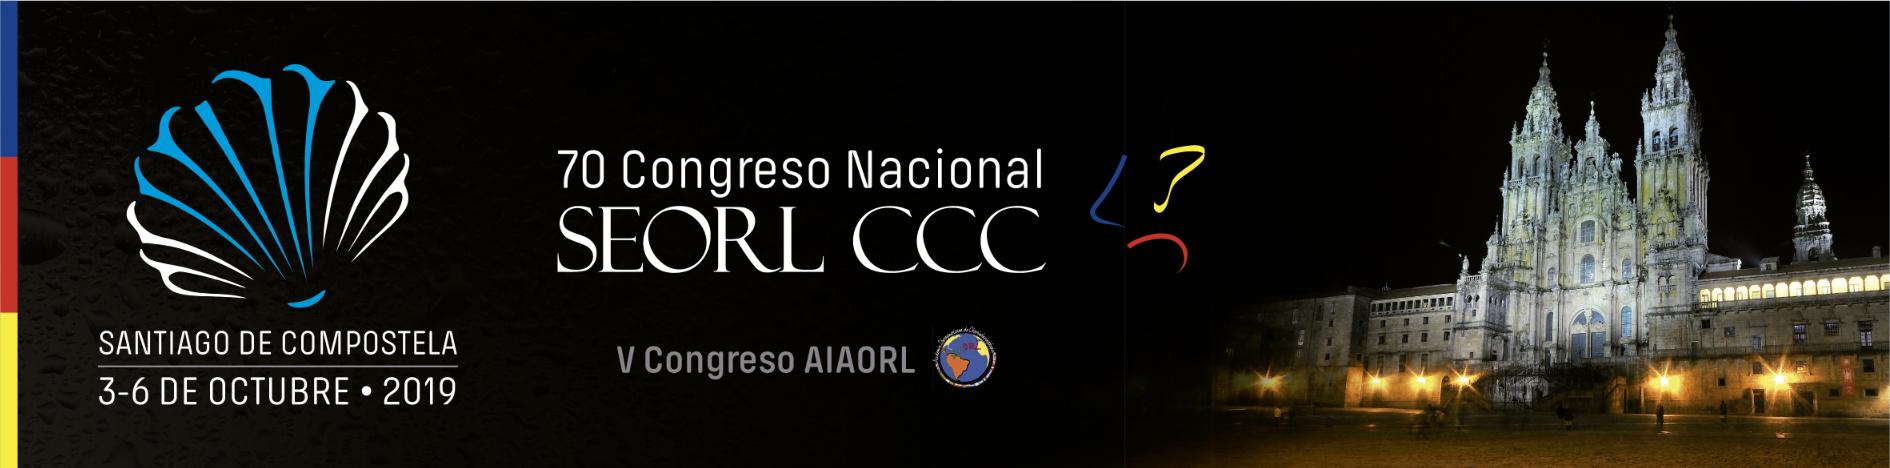 70 Congreso Nacional de la SEORL-CCC | V Congreso de la Academia Iberoamericana de ORL